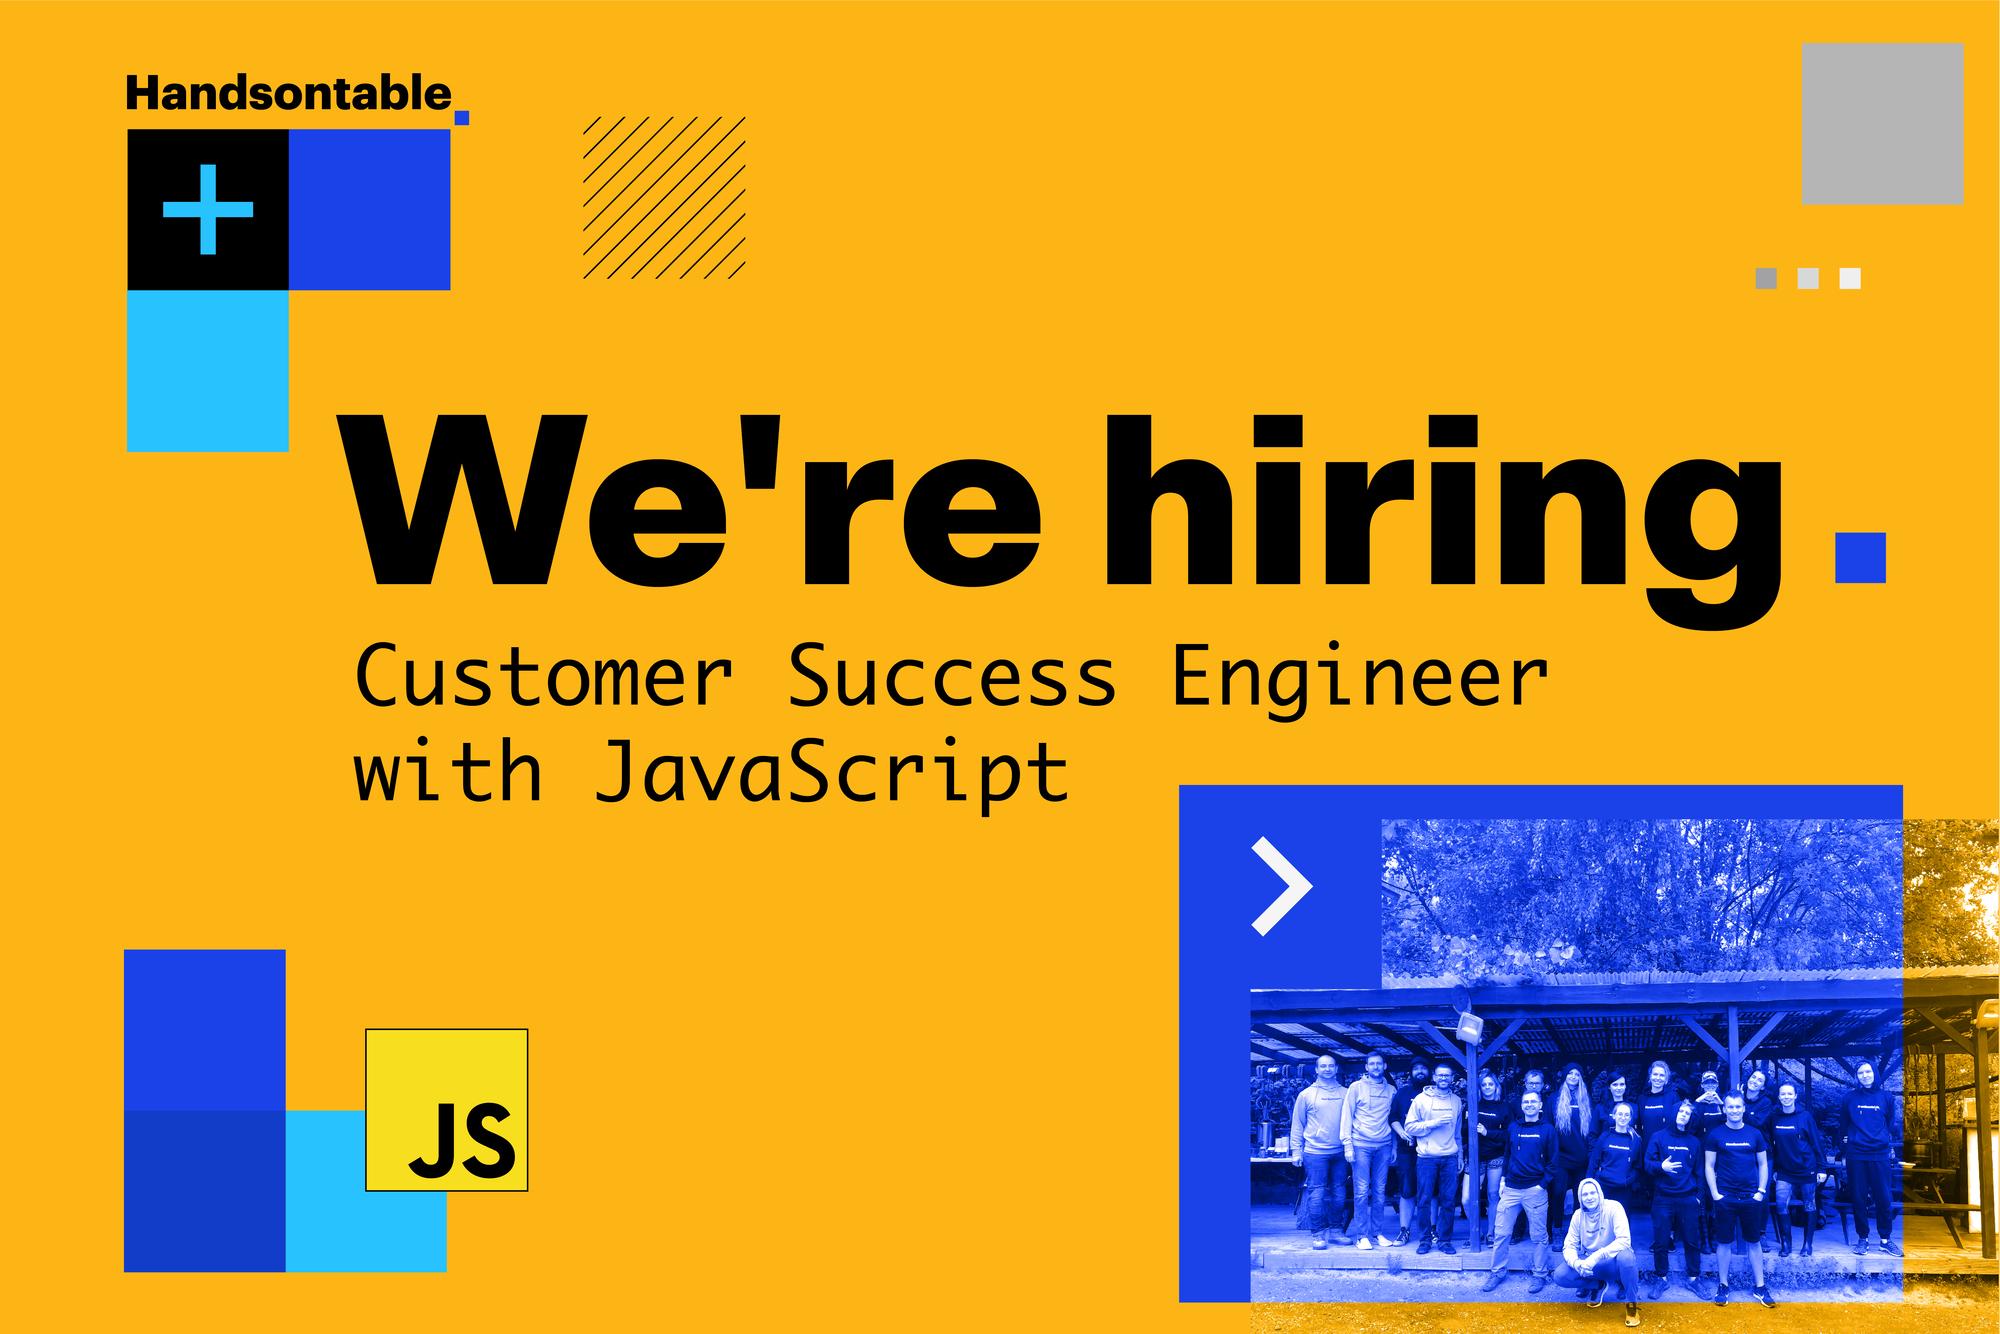 Javascript Customer Success Engineer job blog post illustration